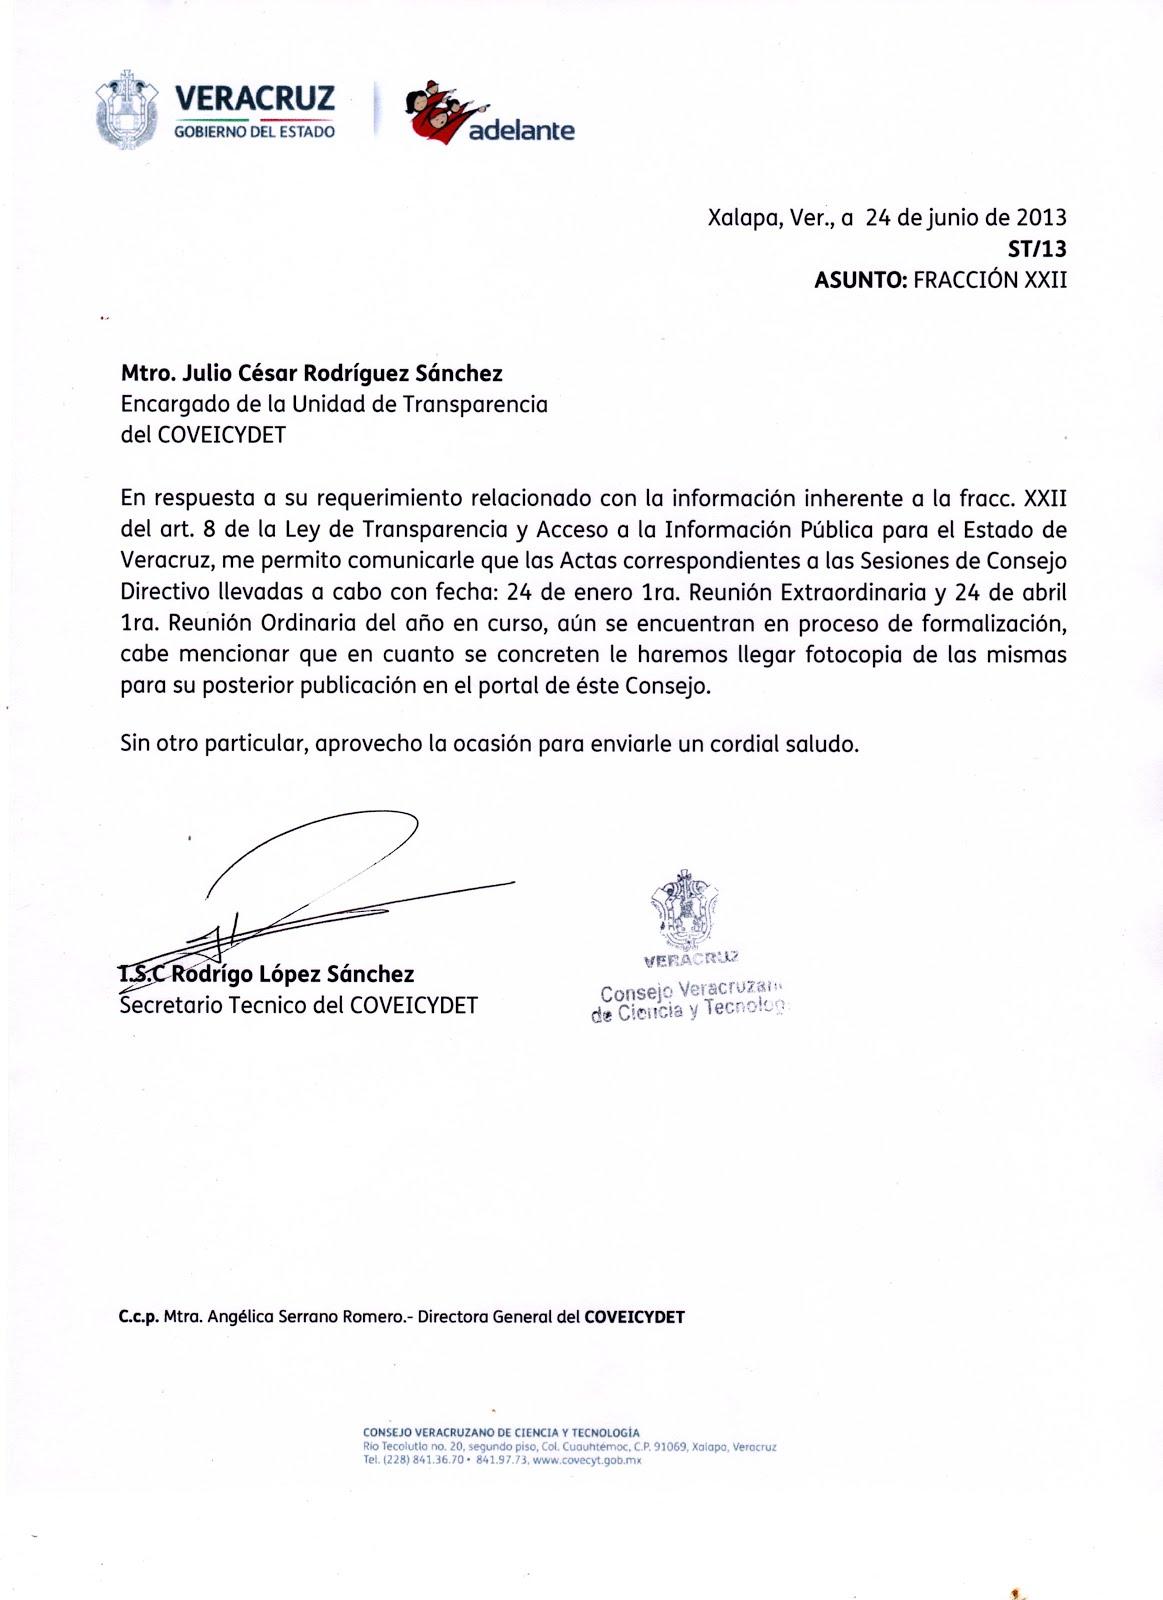 Español y Literatura CEUJA 2015: PRODUCCIÓN DE DOCUMENTOS OFICIALES ...